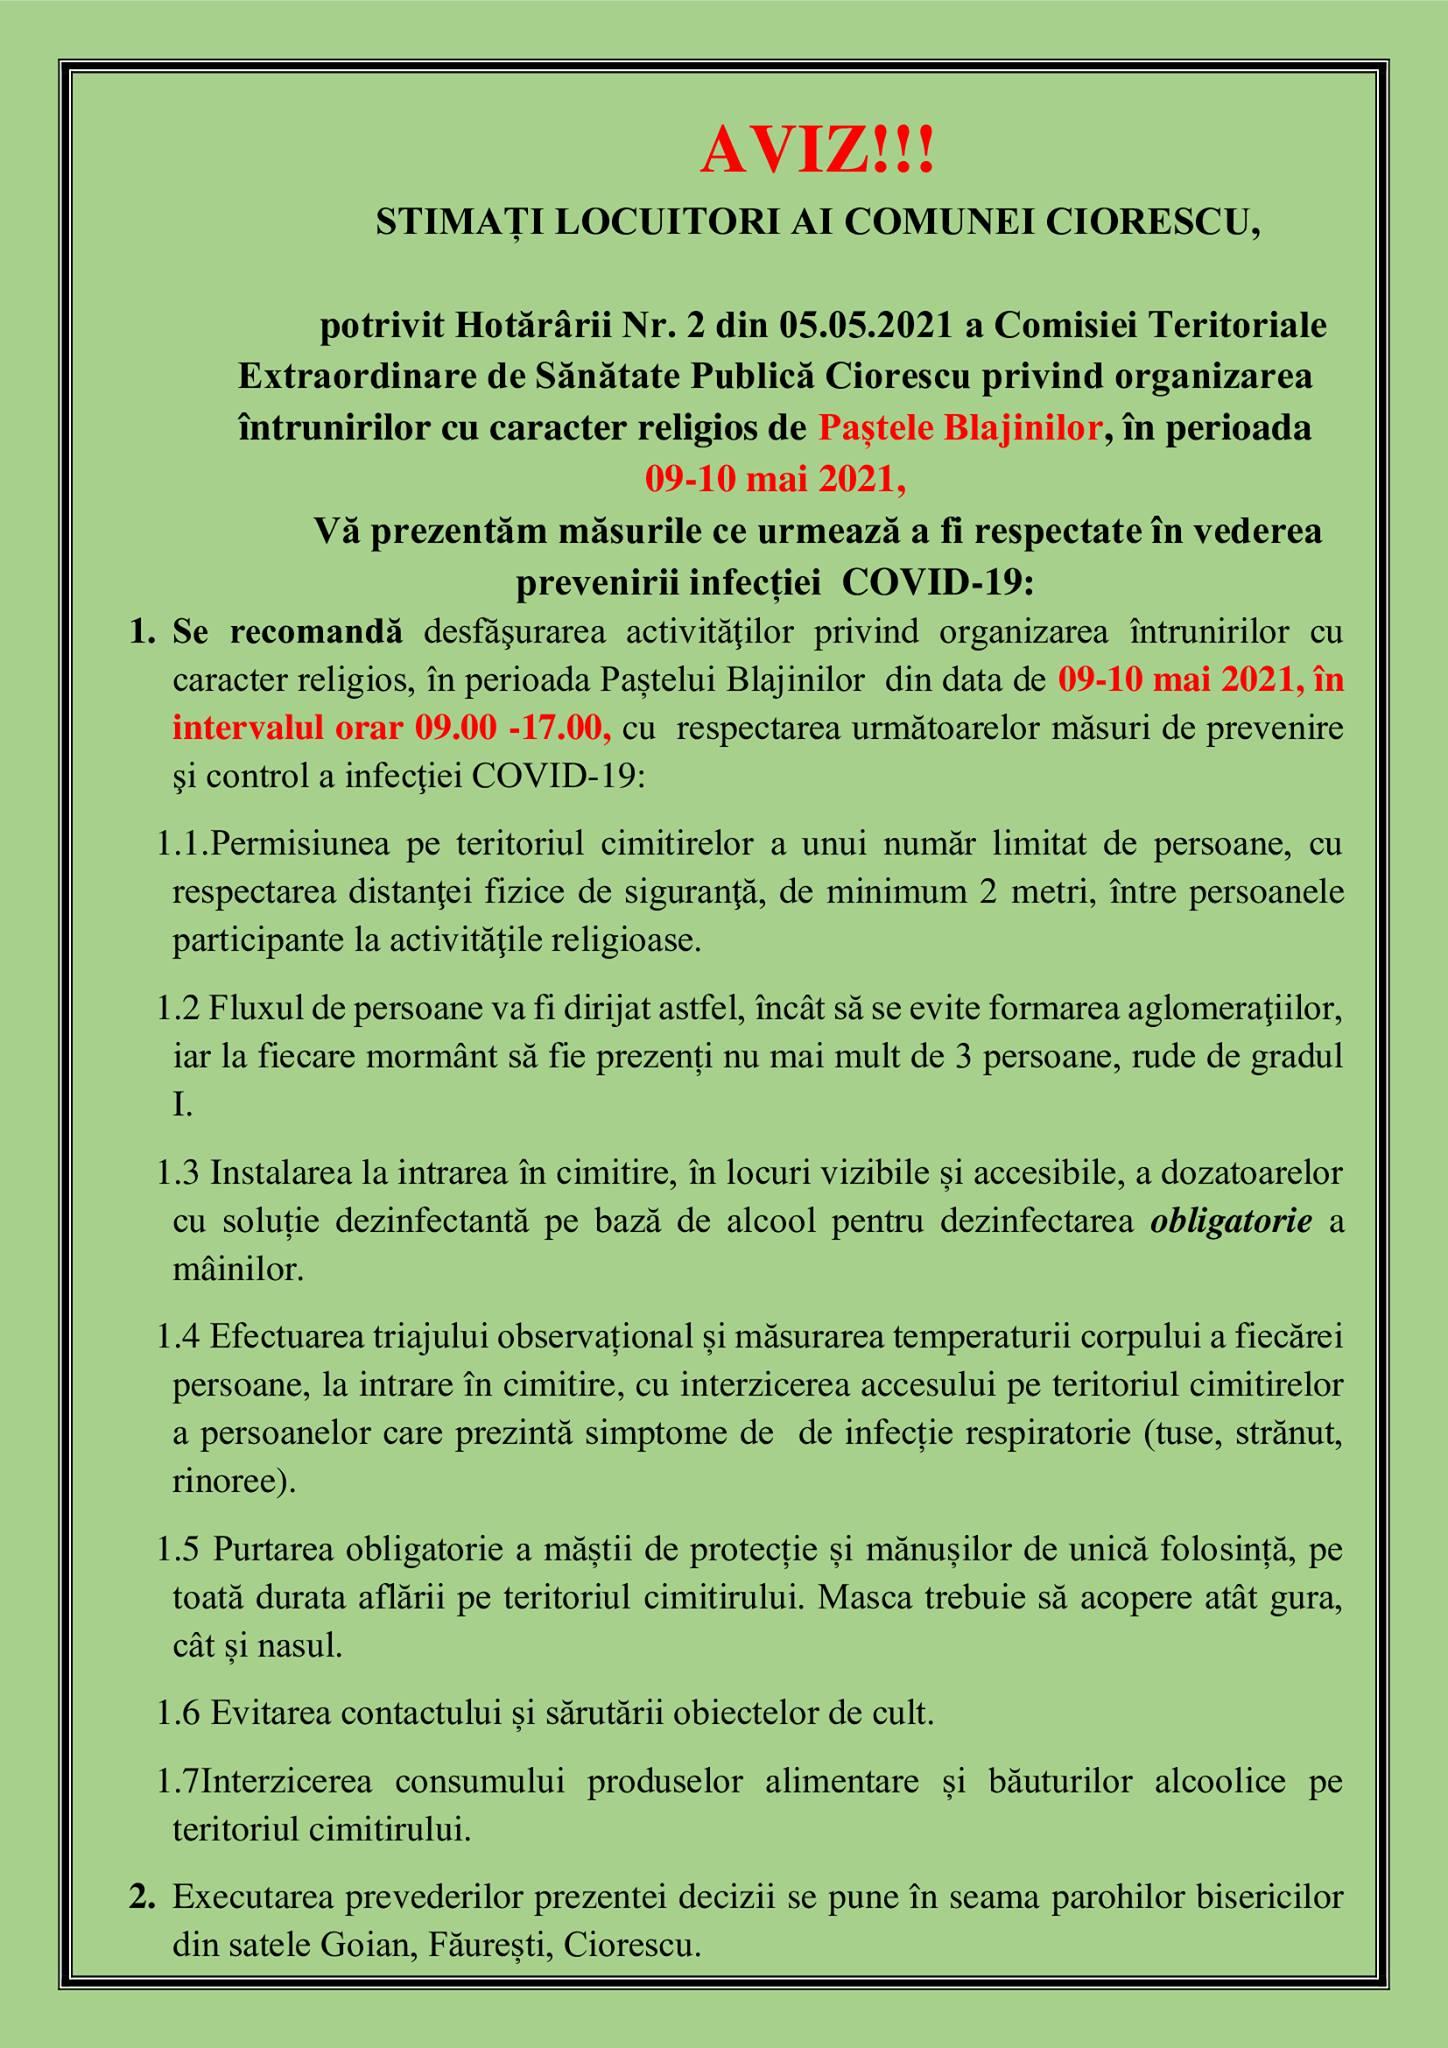 Vă prezentăm măsurile ce urmează a fi respectate în vederea prevenirii infecției Covid-19